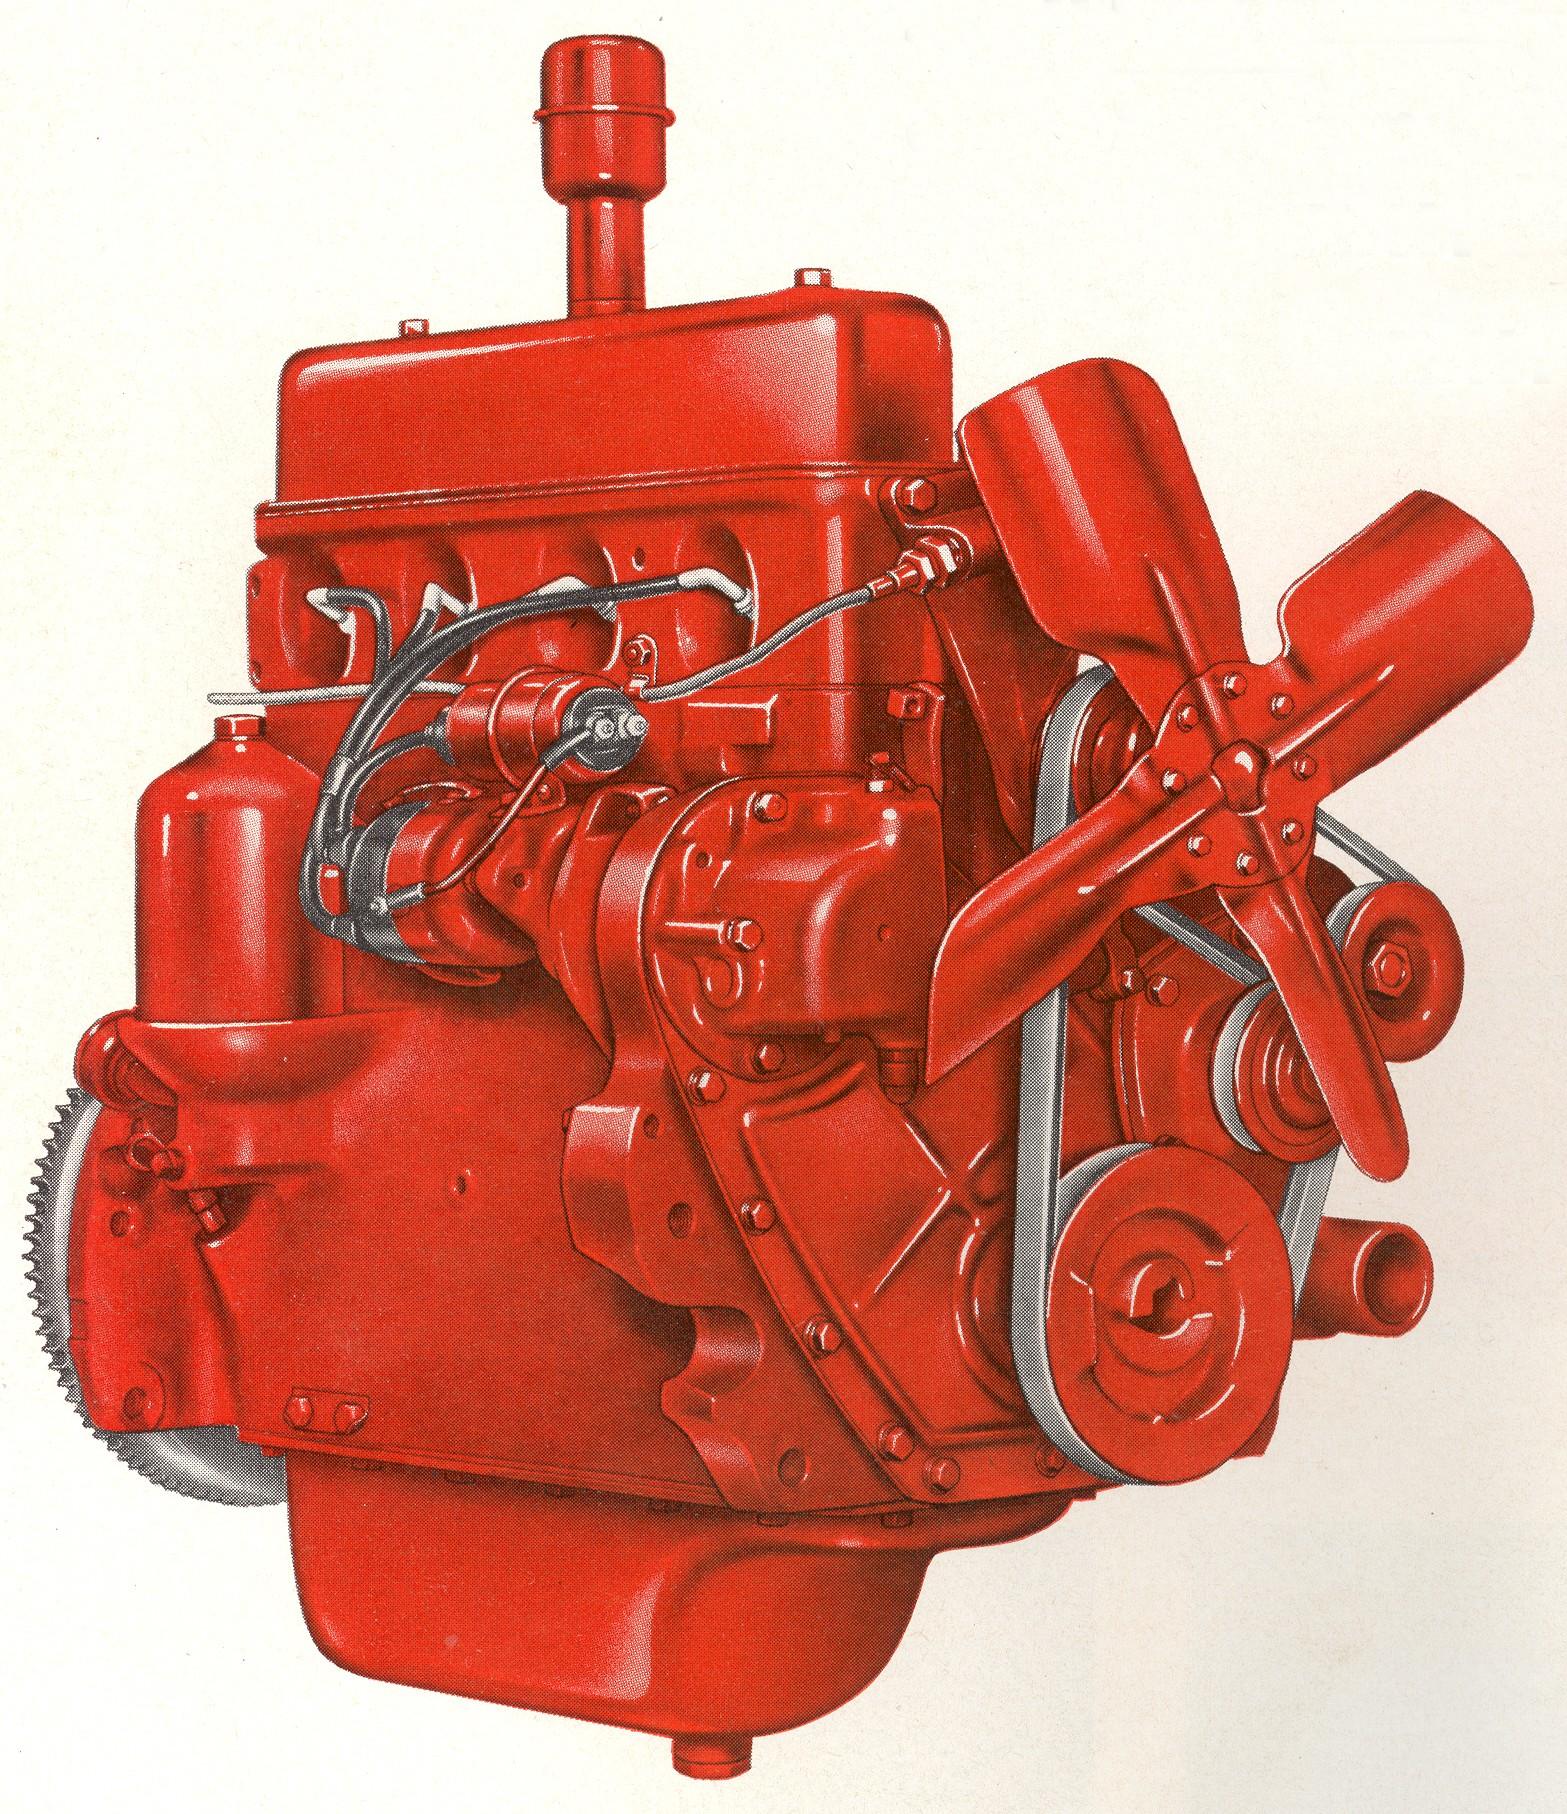 International Farmall Tractors - Parts & Manuals